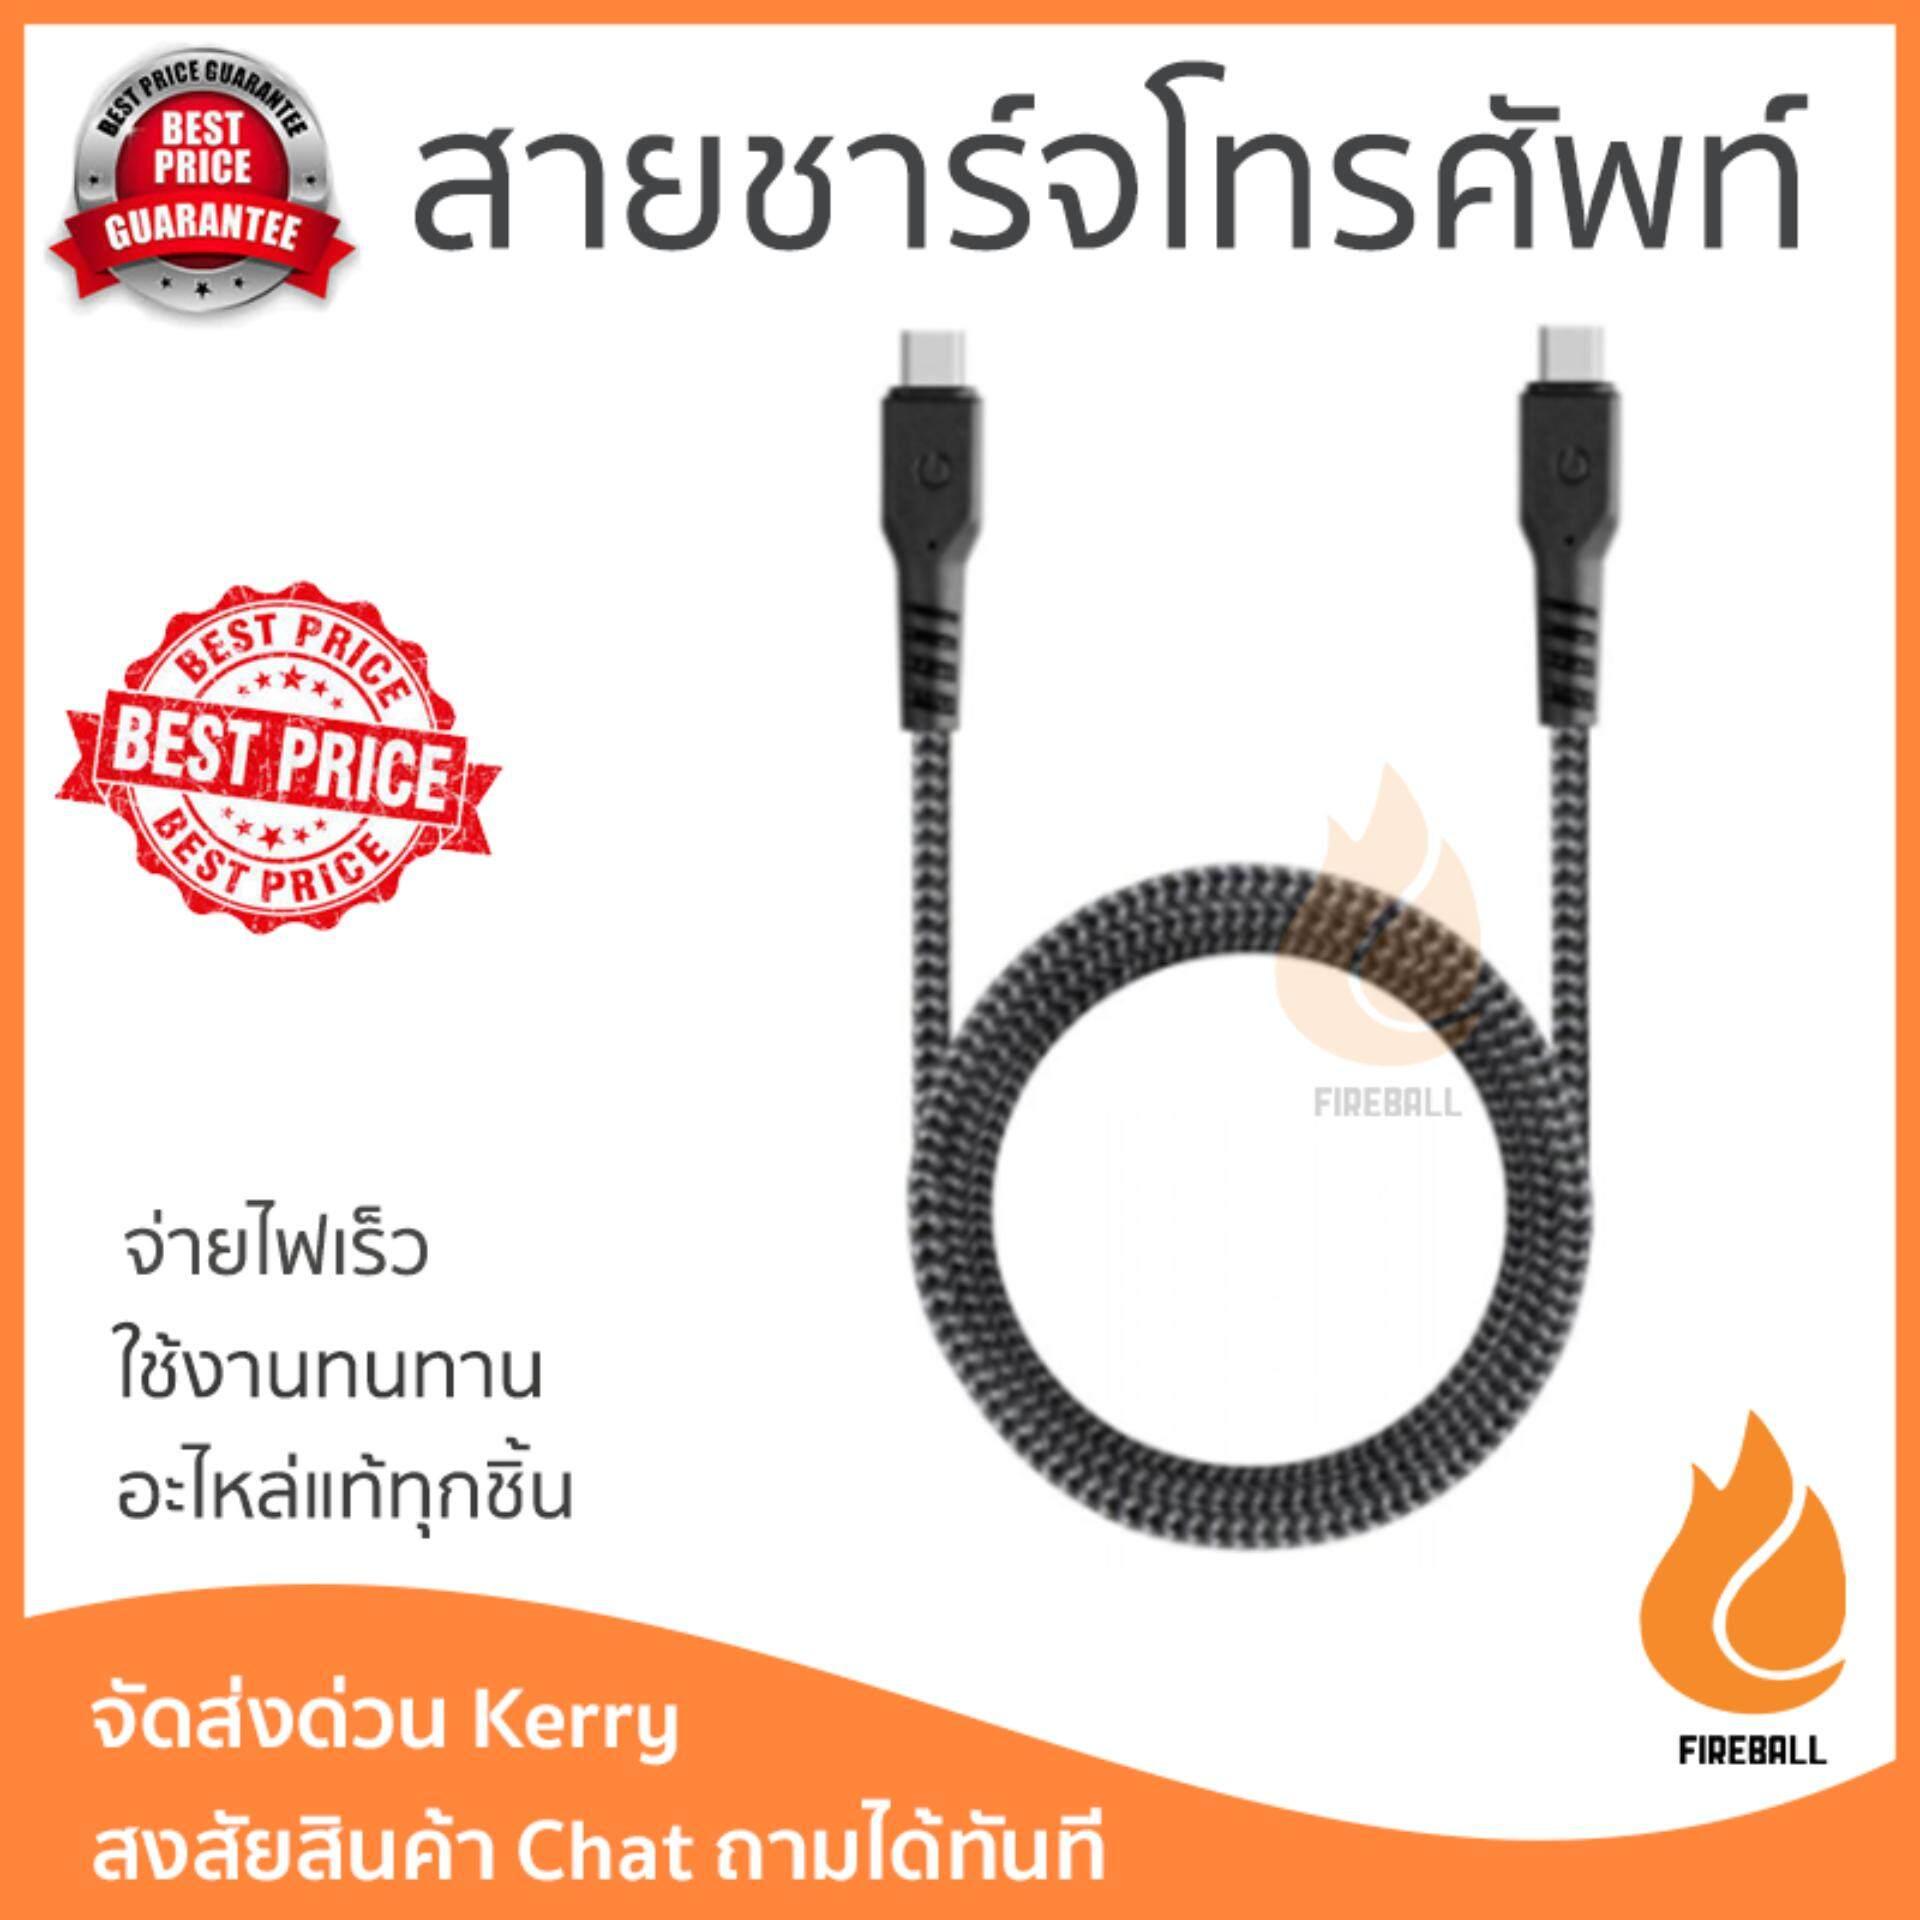 เก็บเงินปลายทางได้ ราคาพิเศษ รุ่นยอดนิยม สายชาร์จโทรศัพท์ Energea Cable FibraTough USB-C to USB-C 1.5M. Black (Gen 1) สายชาร์จทนทาน แข็งแรง จ่ายไฟเร็ว Mobile Cable จัดส่งฟรี Kerry ทั่วประเทศ